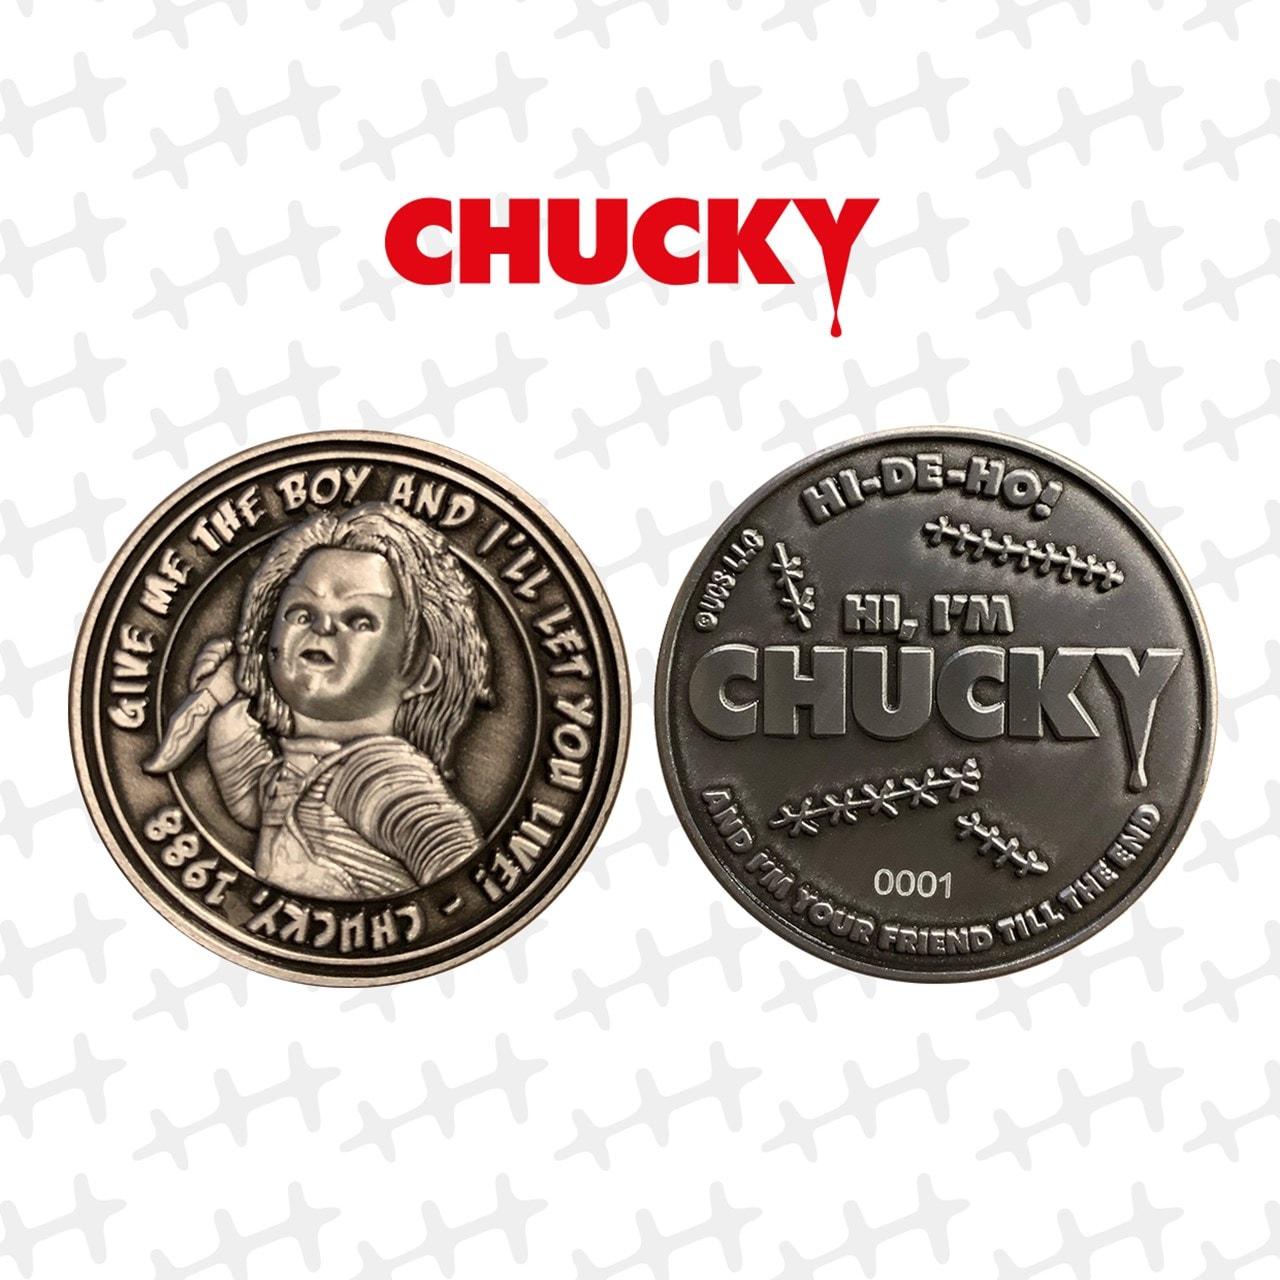 Chucky: Limited Edition Coin - 1